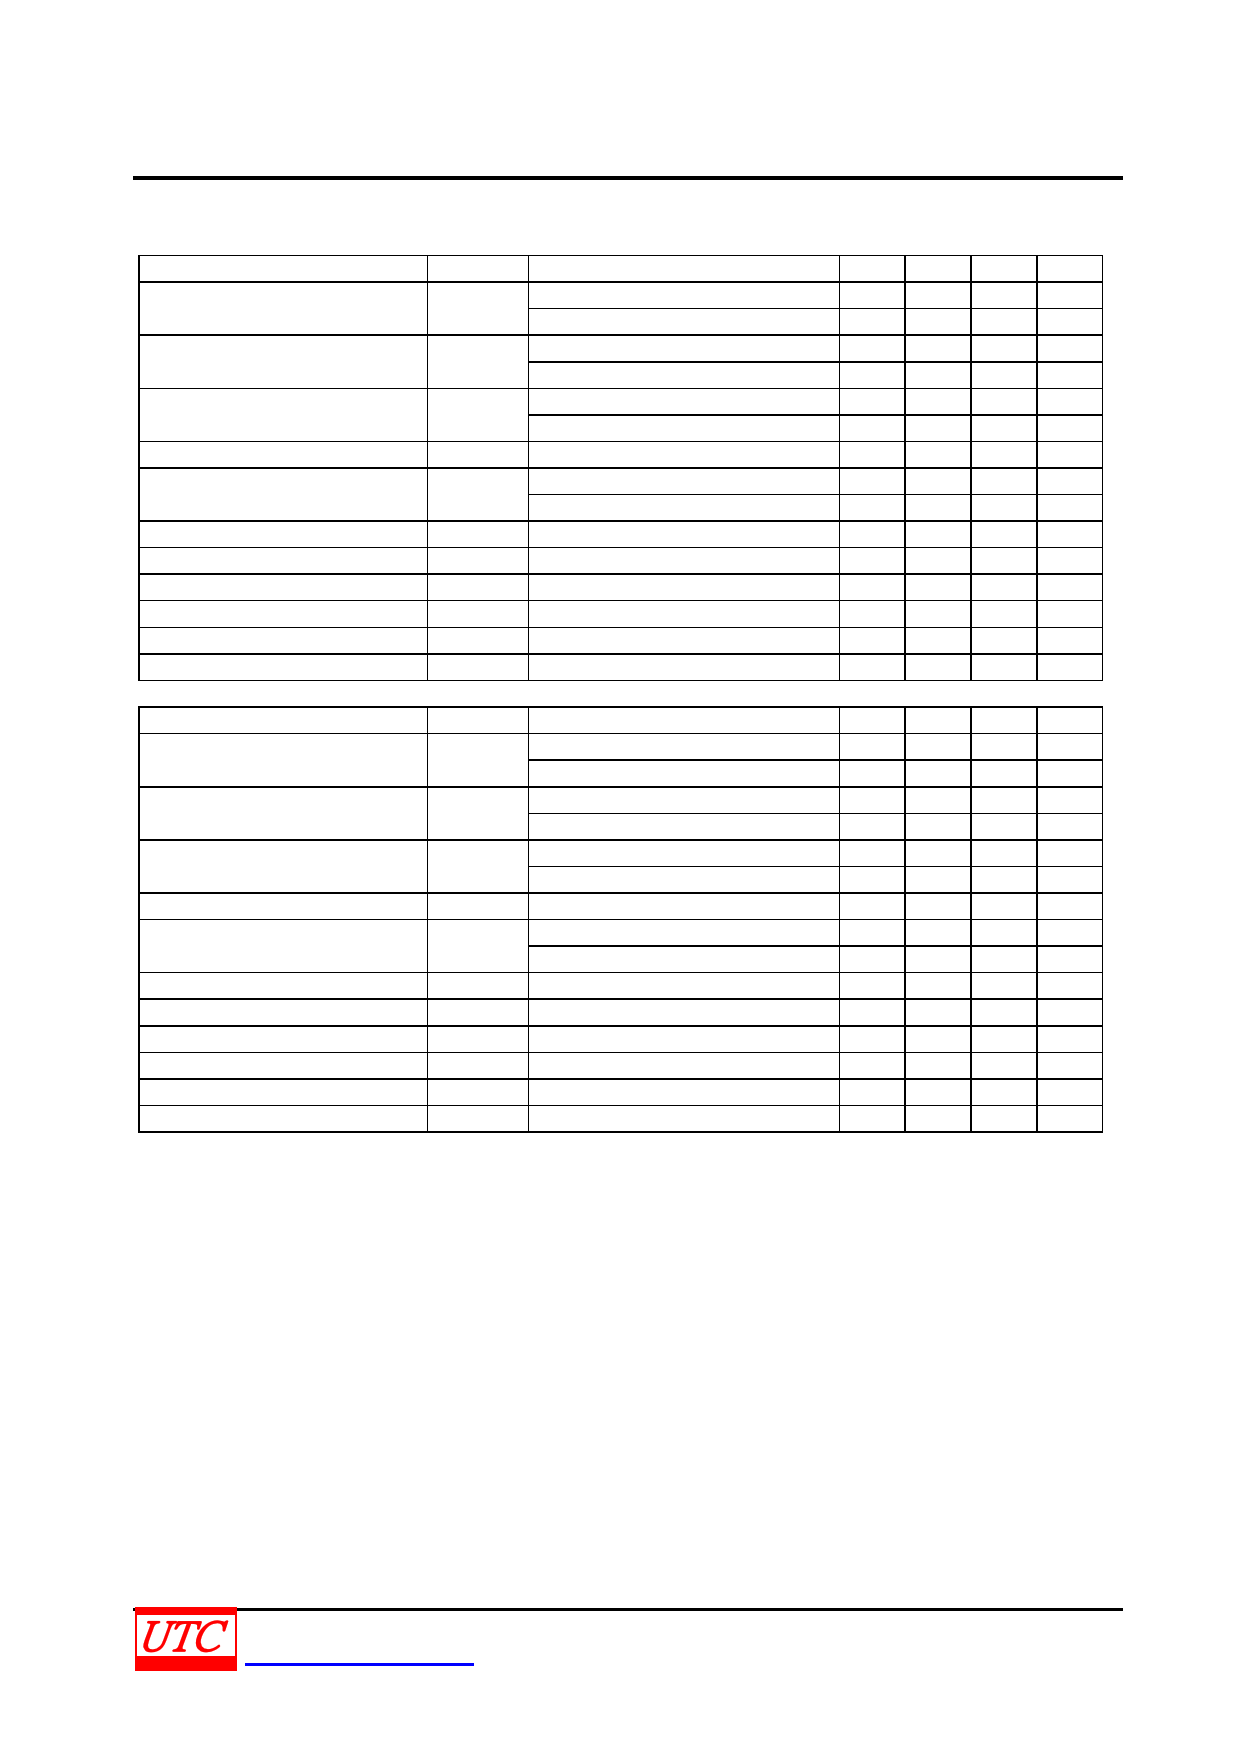 78T06 pdf